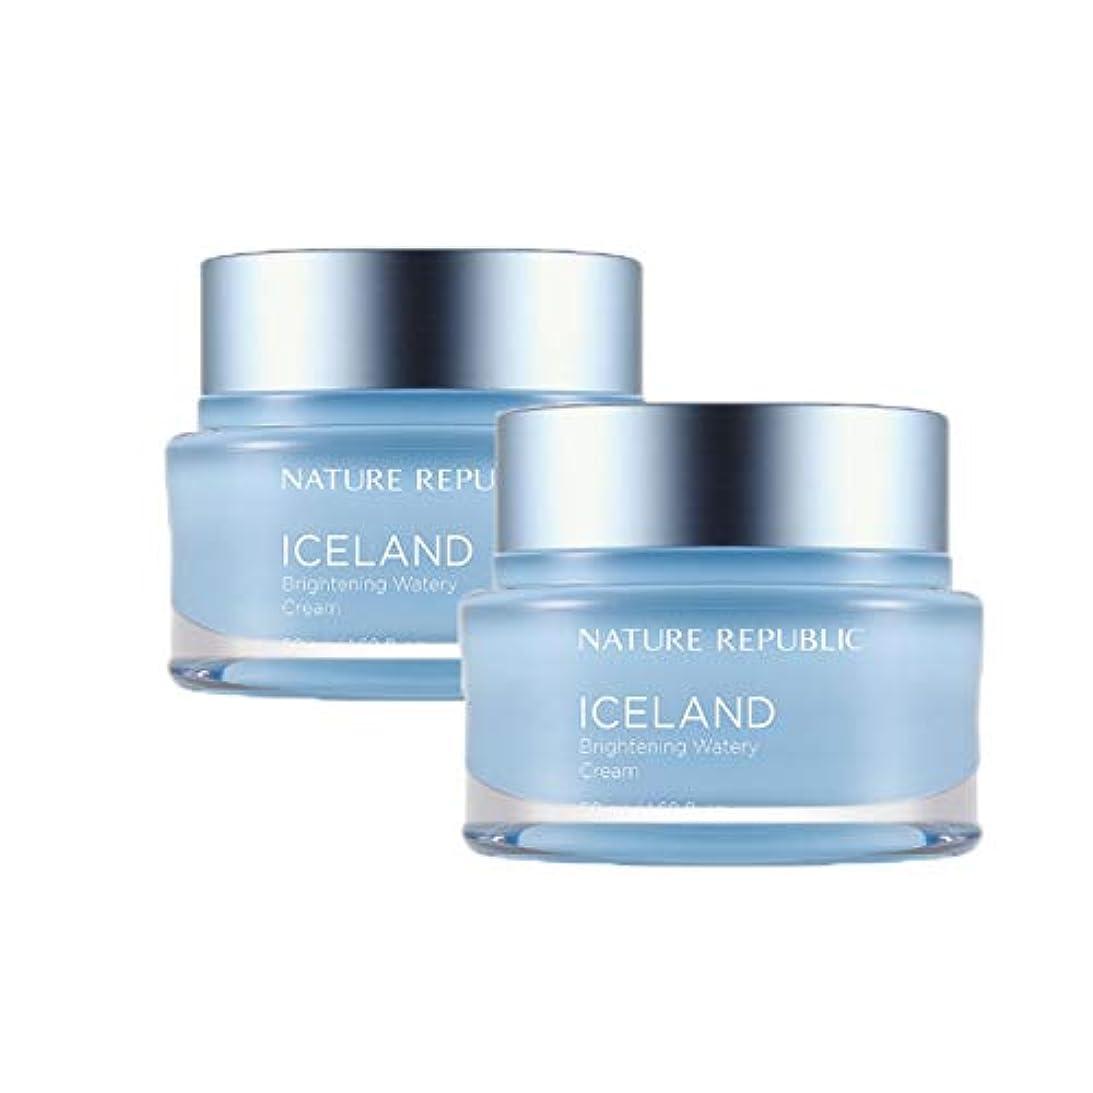 プログラムセージ強いネイチャーリパブリックアイスランドブライトニング水分クリーム50mlx2本セット韓国コスメ、Nature Republic Iceland Brightening Watery Cream 50ml x 2ea Set Korean Cosmetics [並行輸入品]